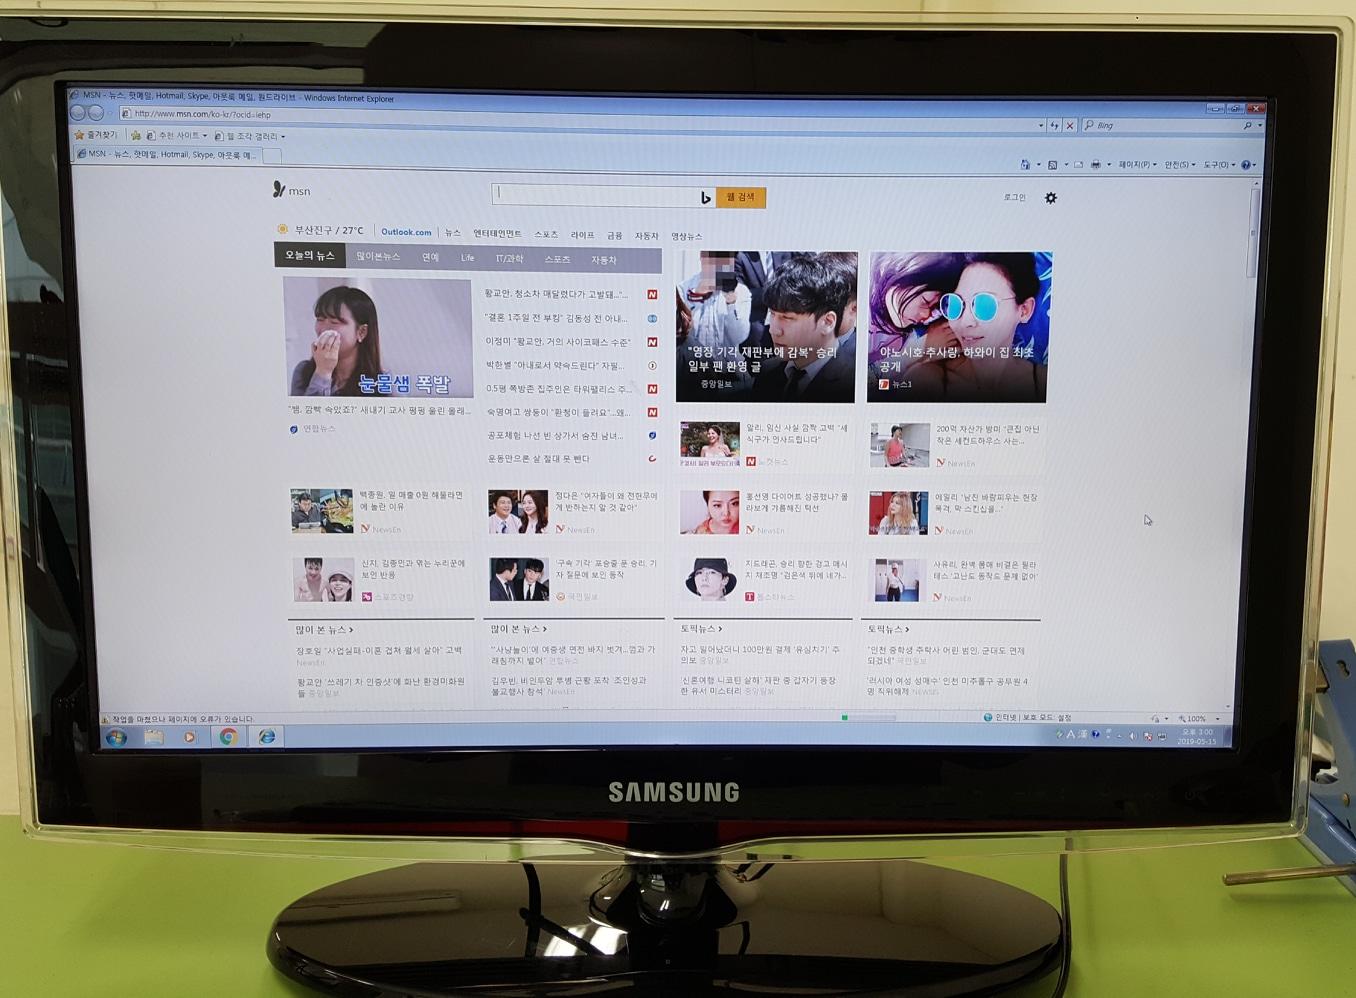 삼성 22인치 컴퓨터 LCD 모니터, TV겸용, 상태 최상